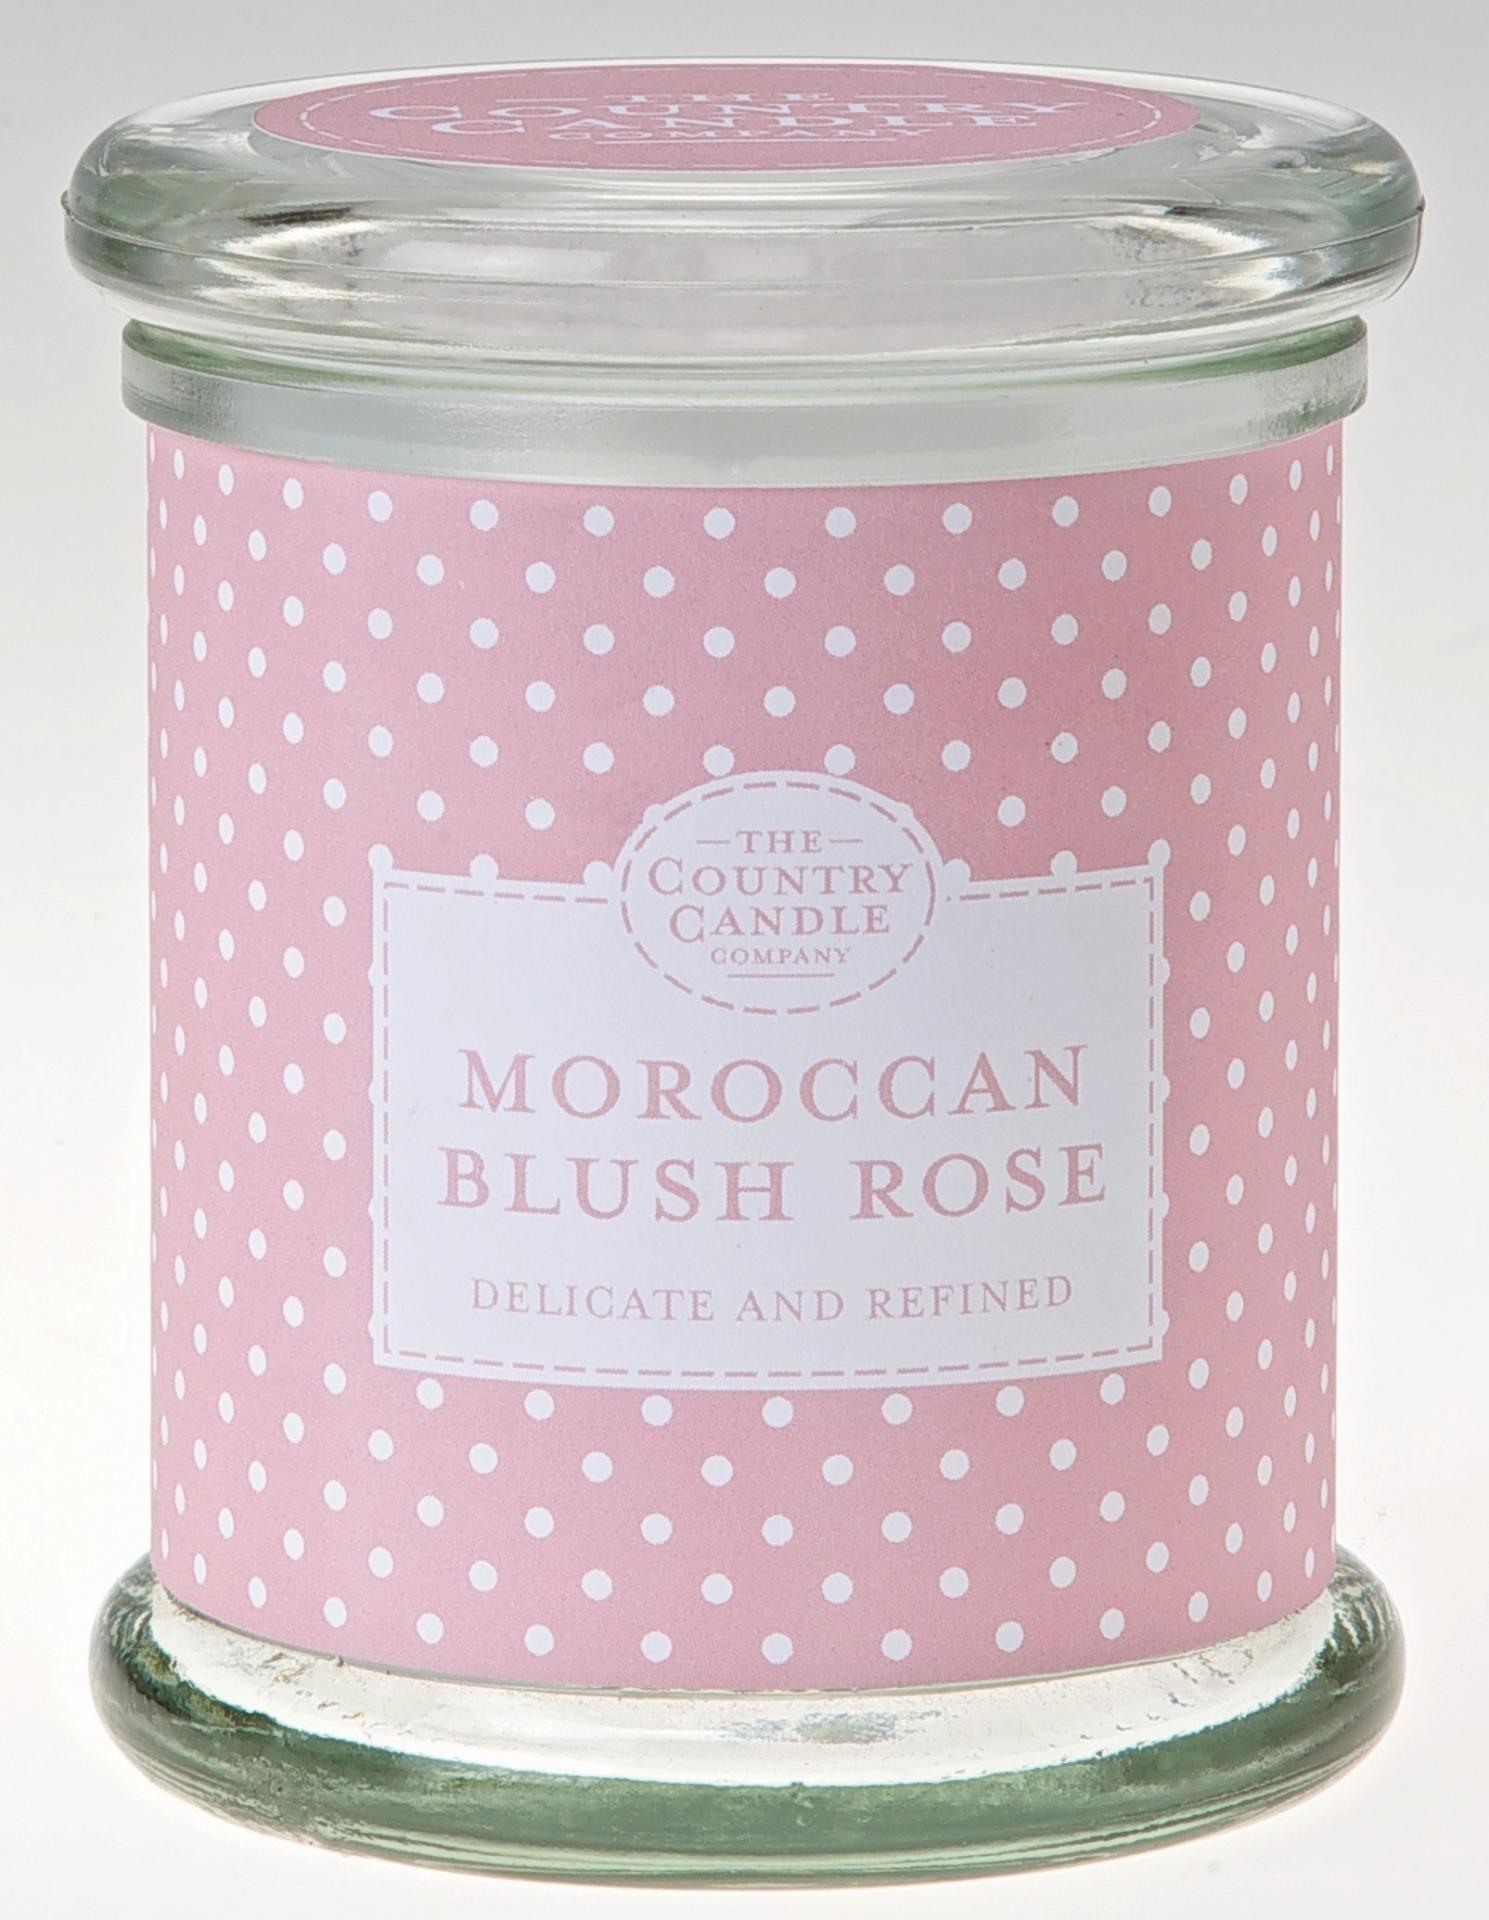 THE COUNTRY CANDLE COMPANY Svíčka ve skle - Marocká růže, růžová barva